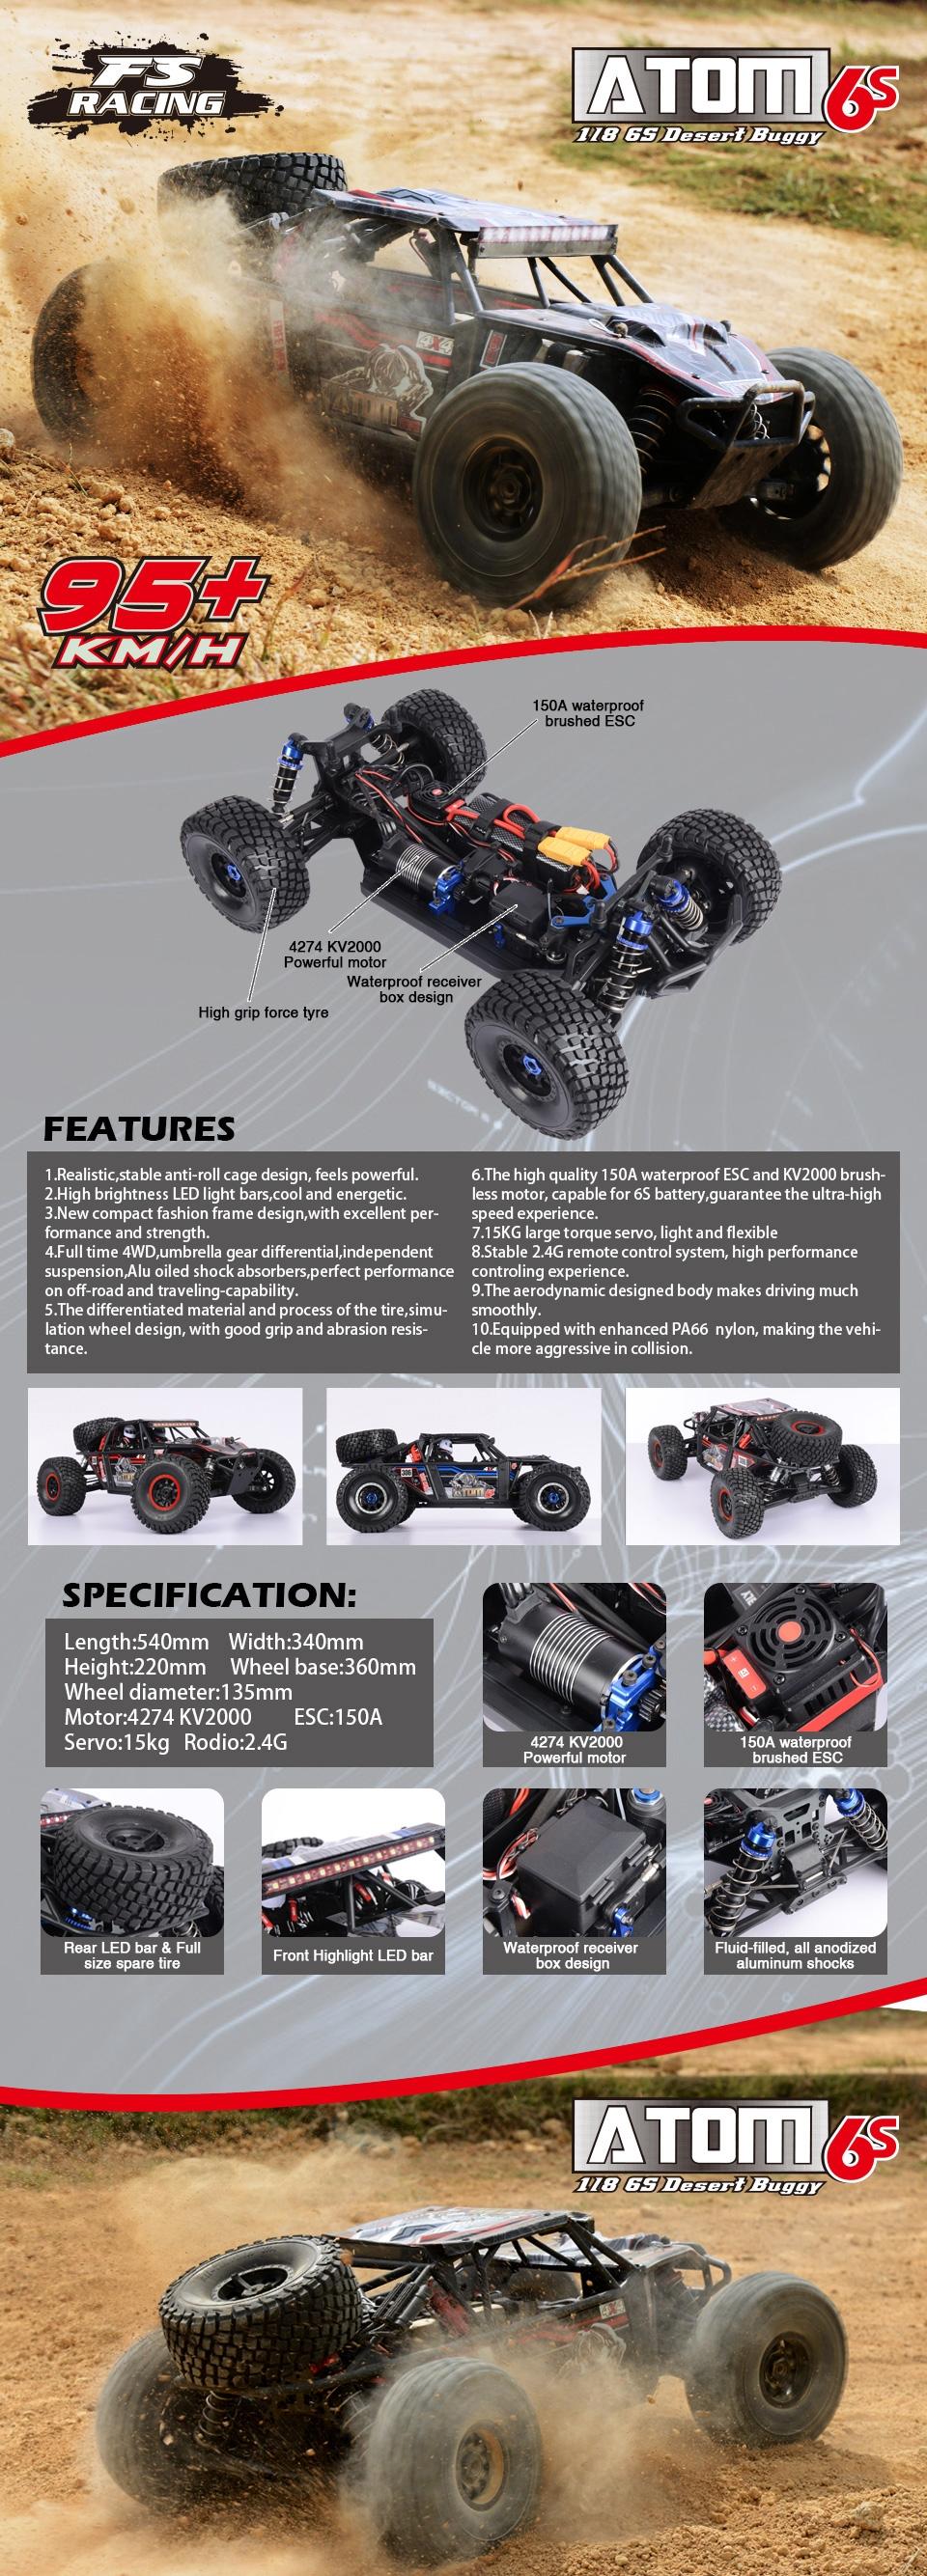 Atom Car Features